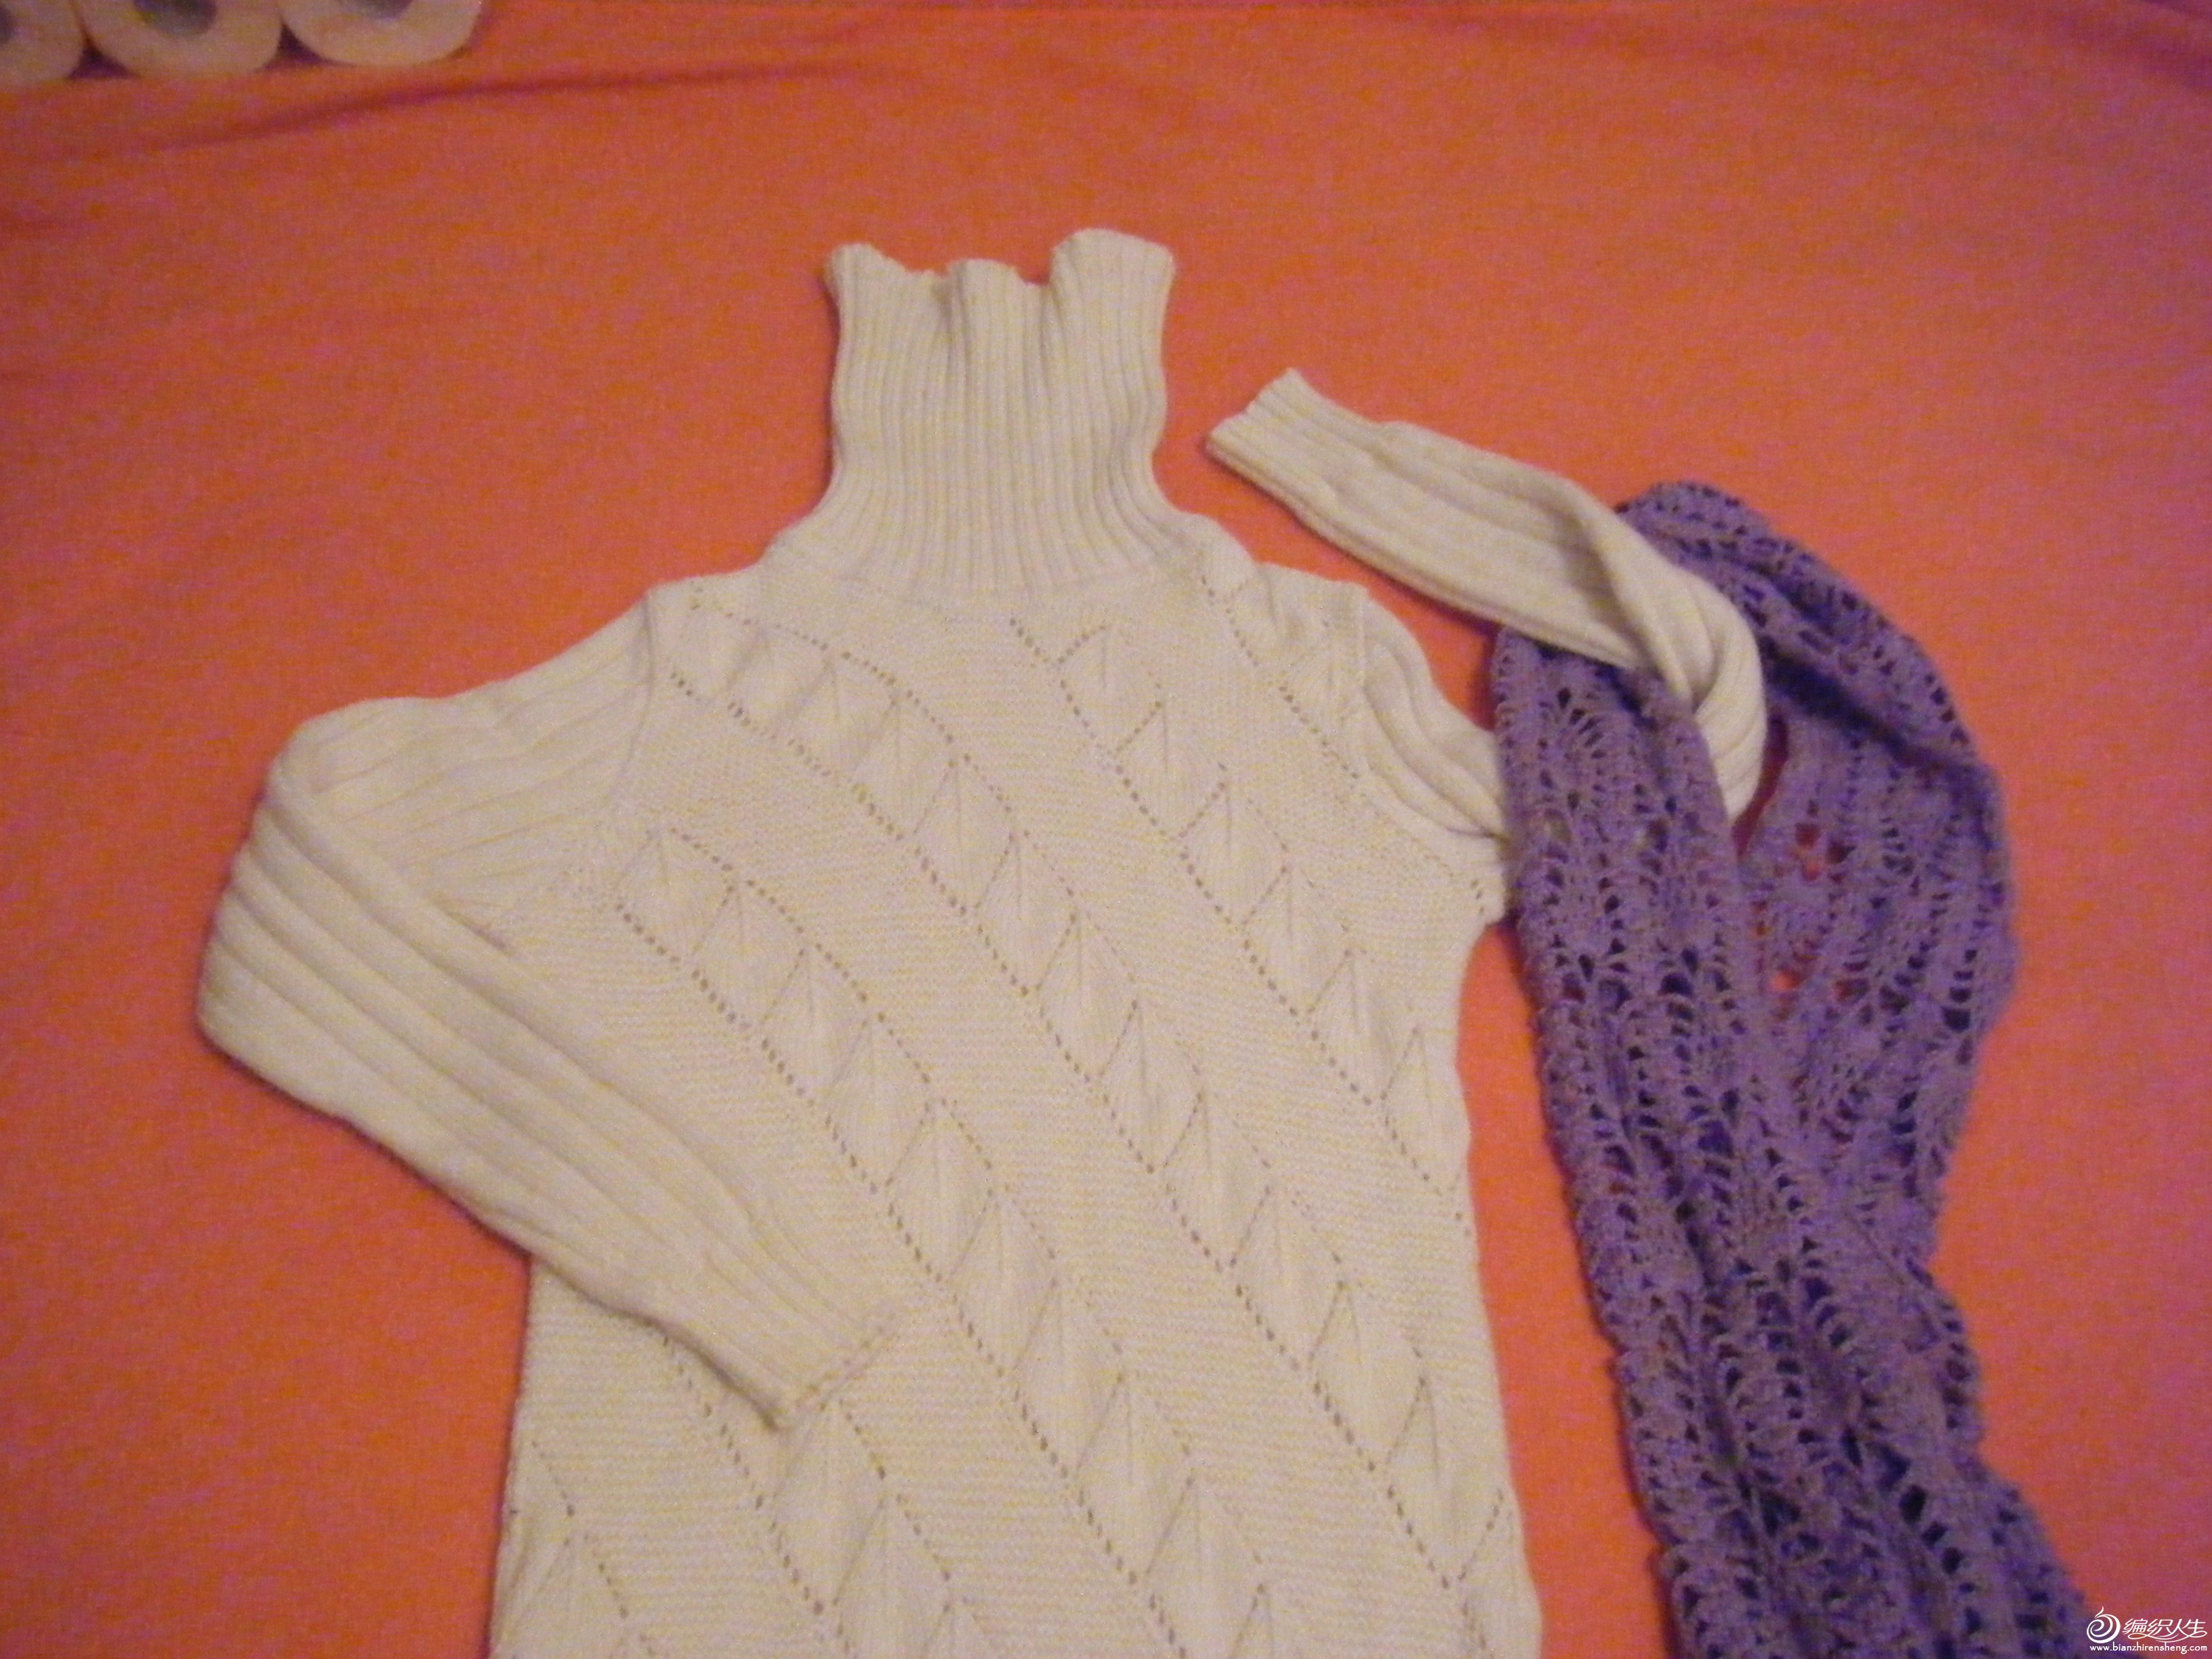 配上女儿的紫色围巾很好看呢